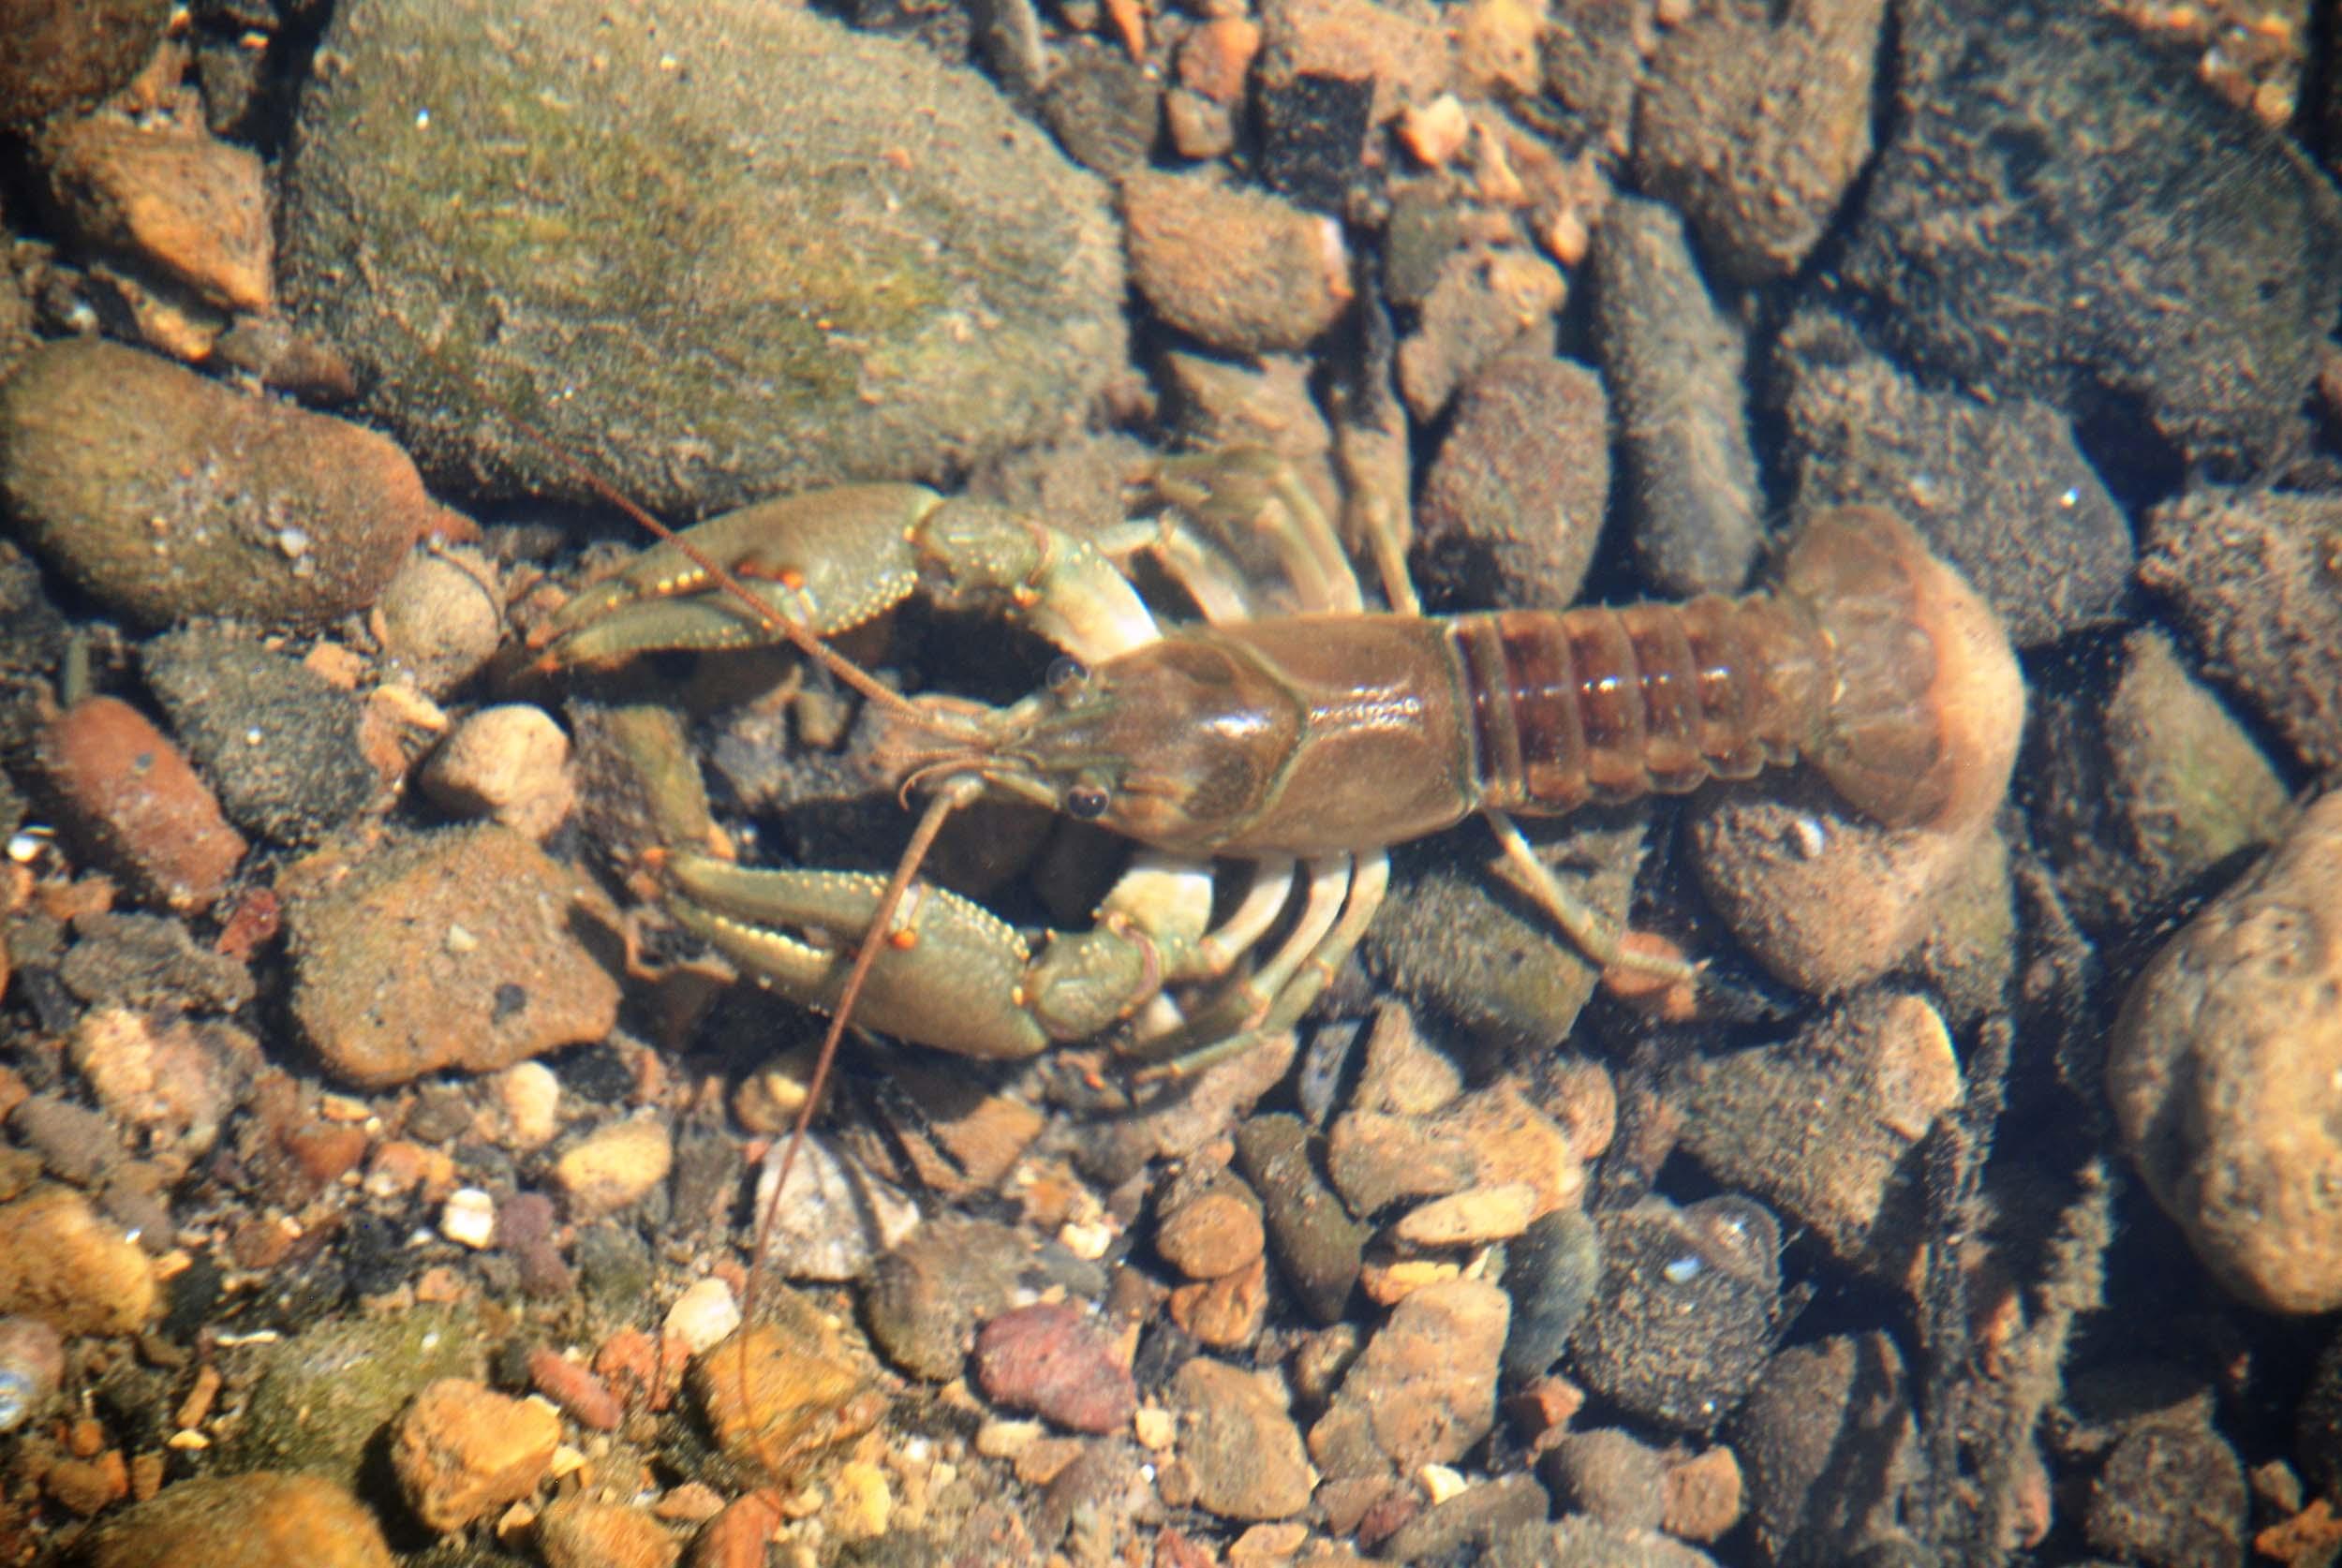 <b>Crayfish</b>